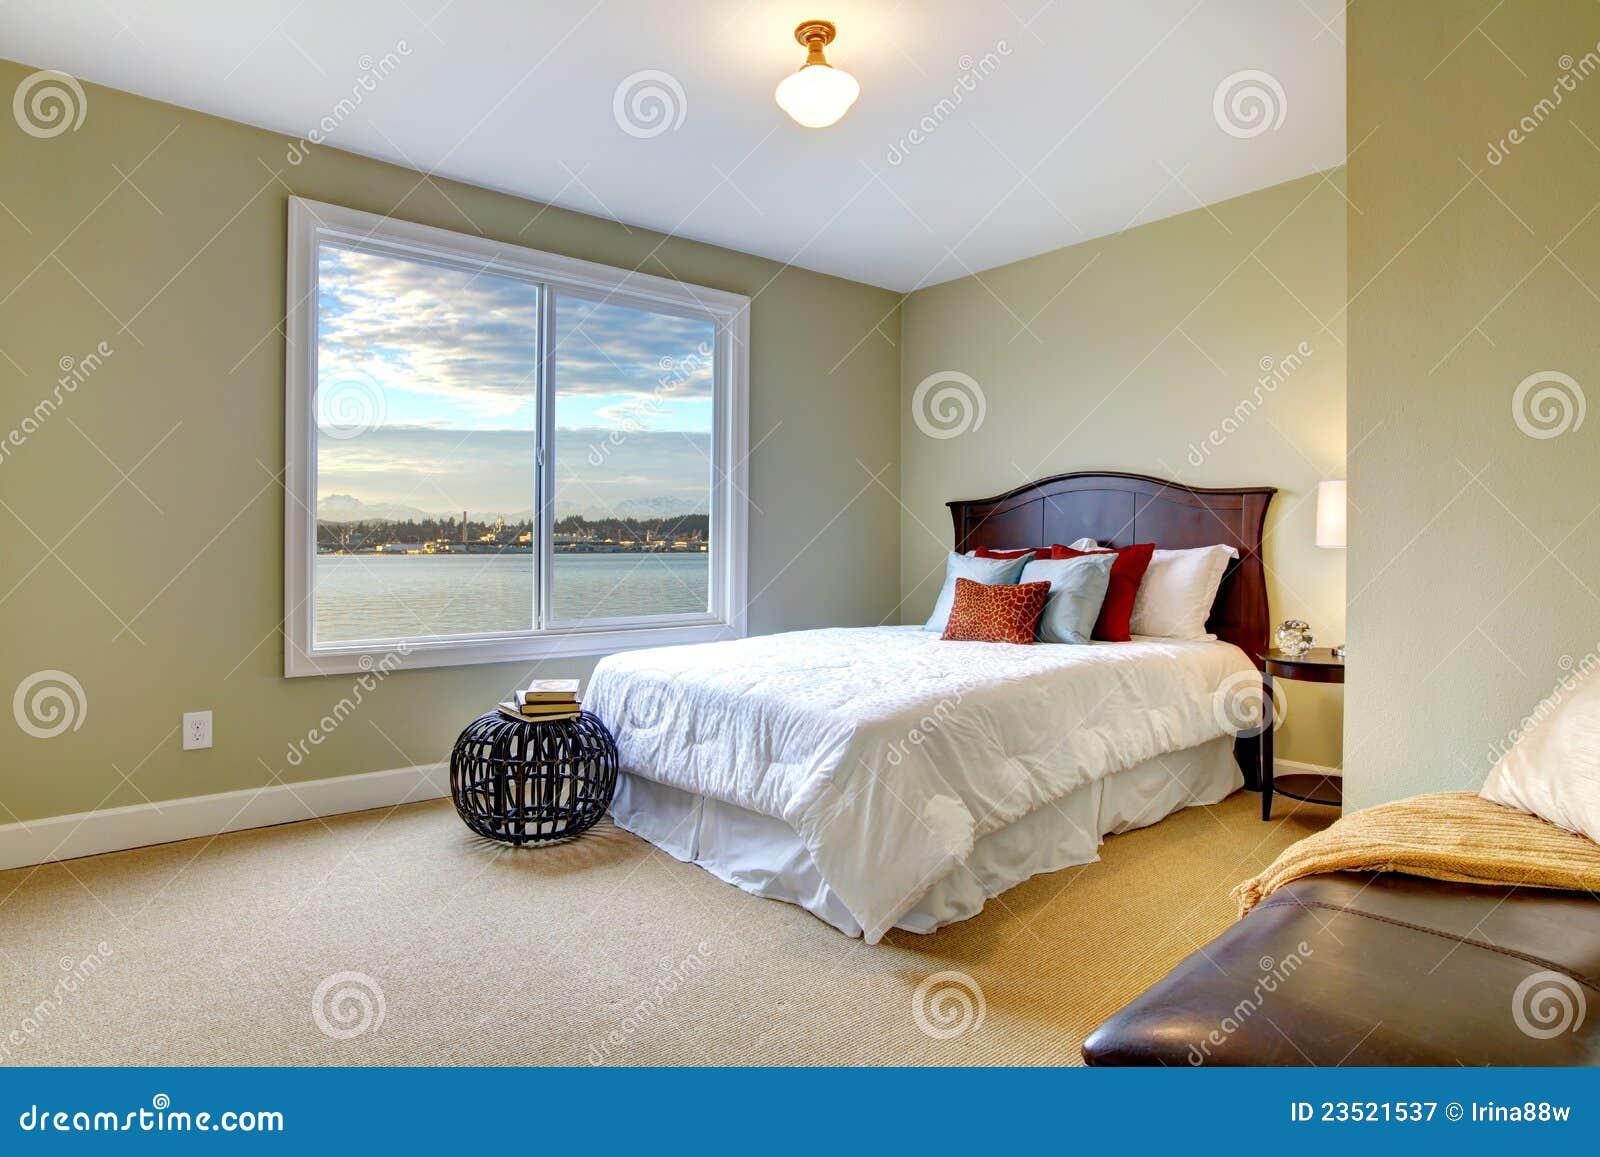 Slaapkamer Groen Wit : Groene grote slaapkamer met witte bed en watermening. stock